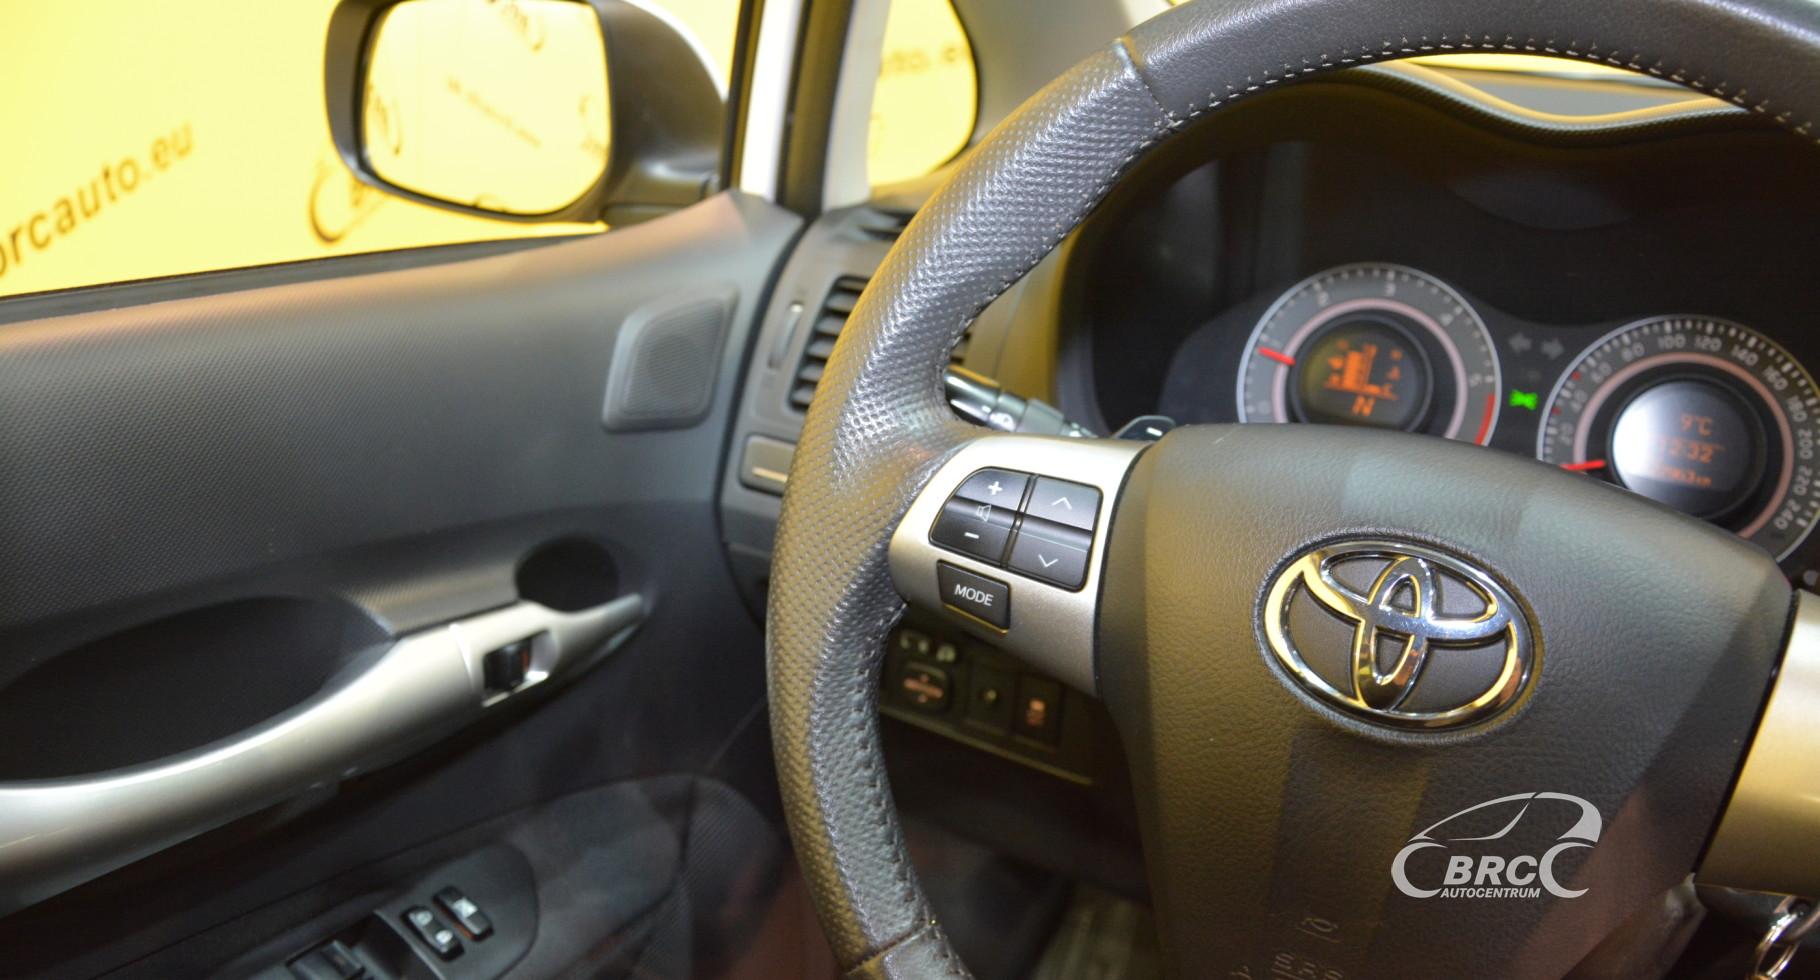 Toyota Auris 1.4 D-4D Automatas